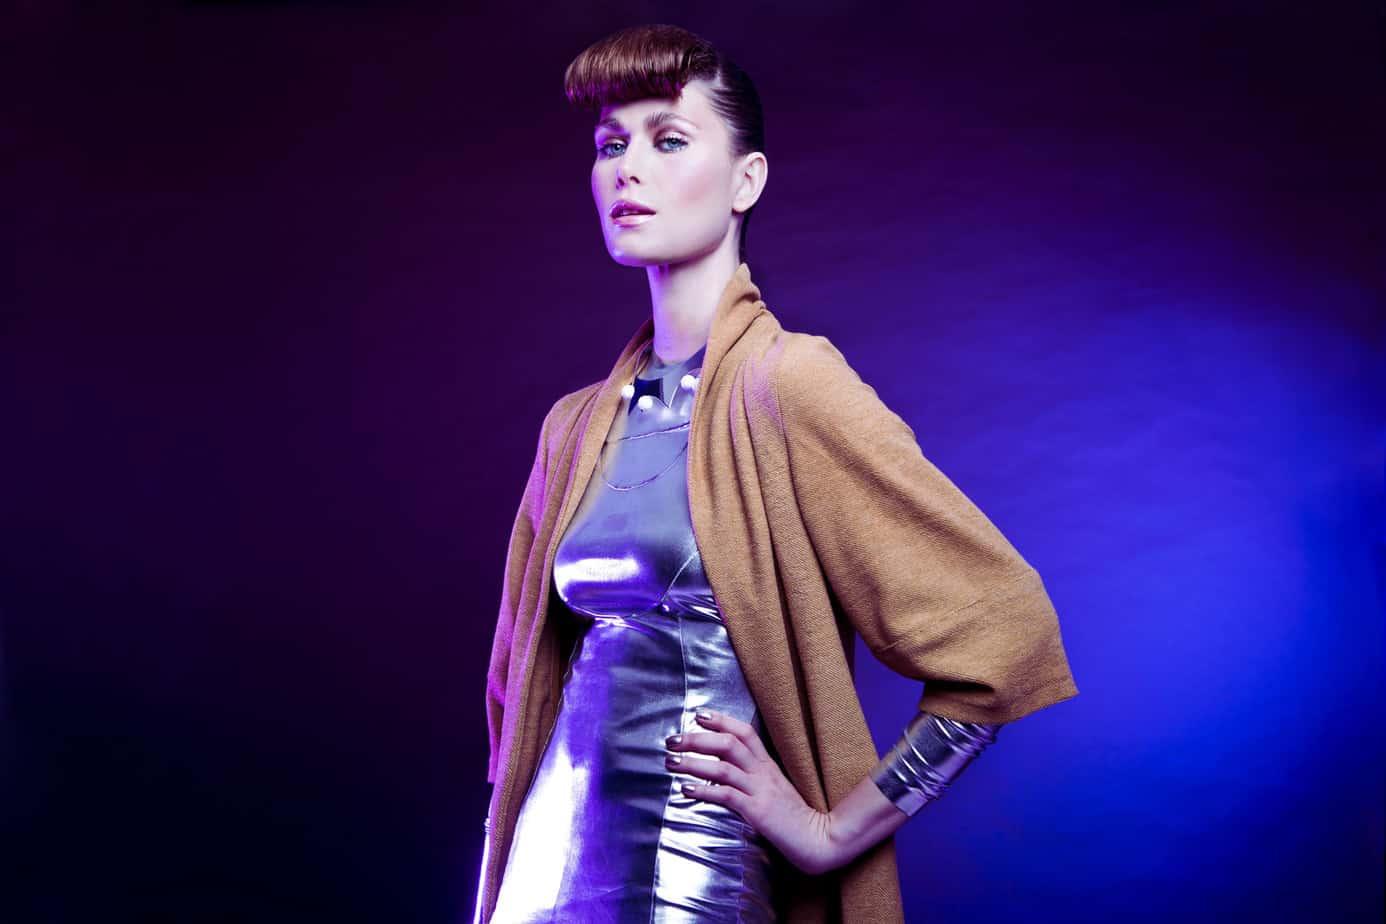 על רקע שמלה כסופה את יכולה להמשיך את המגמה ולהתהדר בשפתון מטאלי. איפור: ירין שחף. צילום: יח״צ - 1